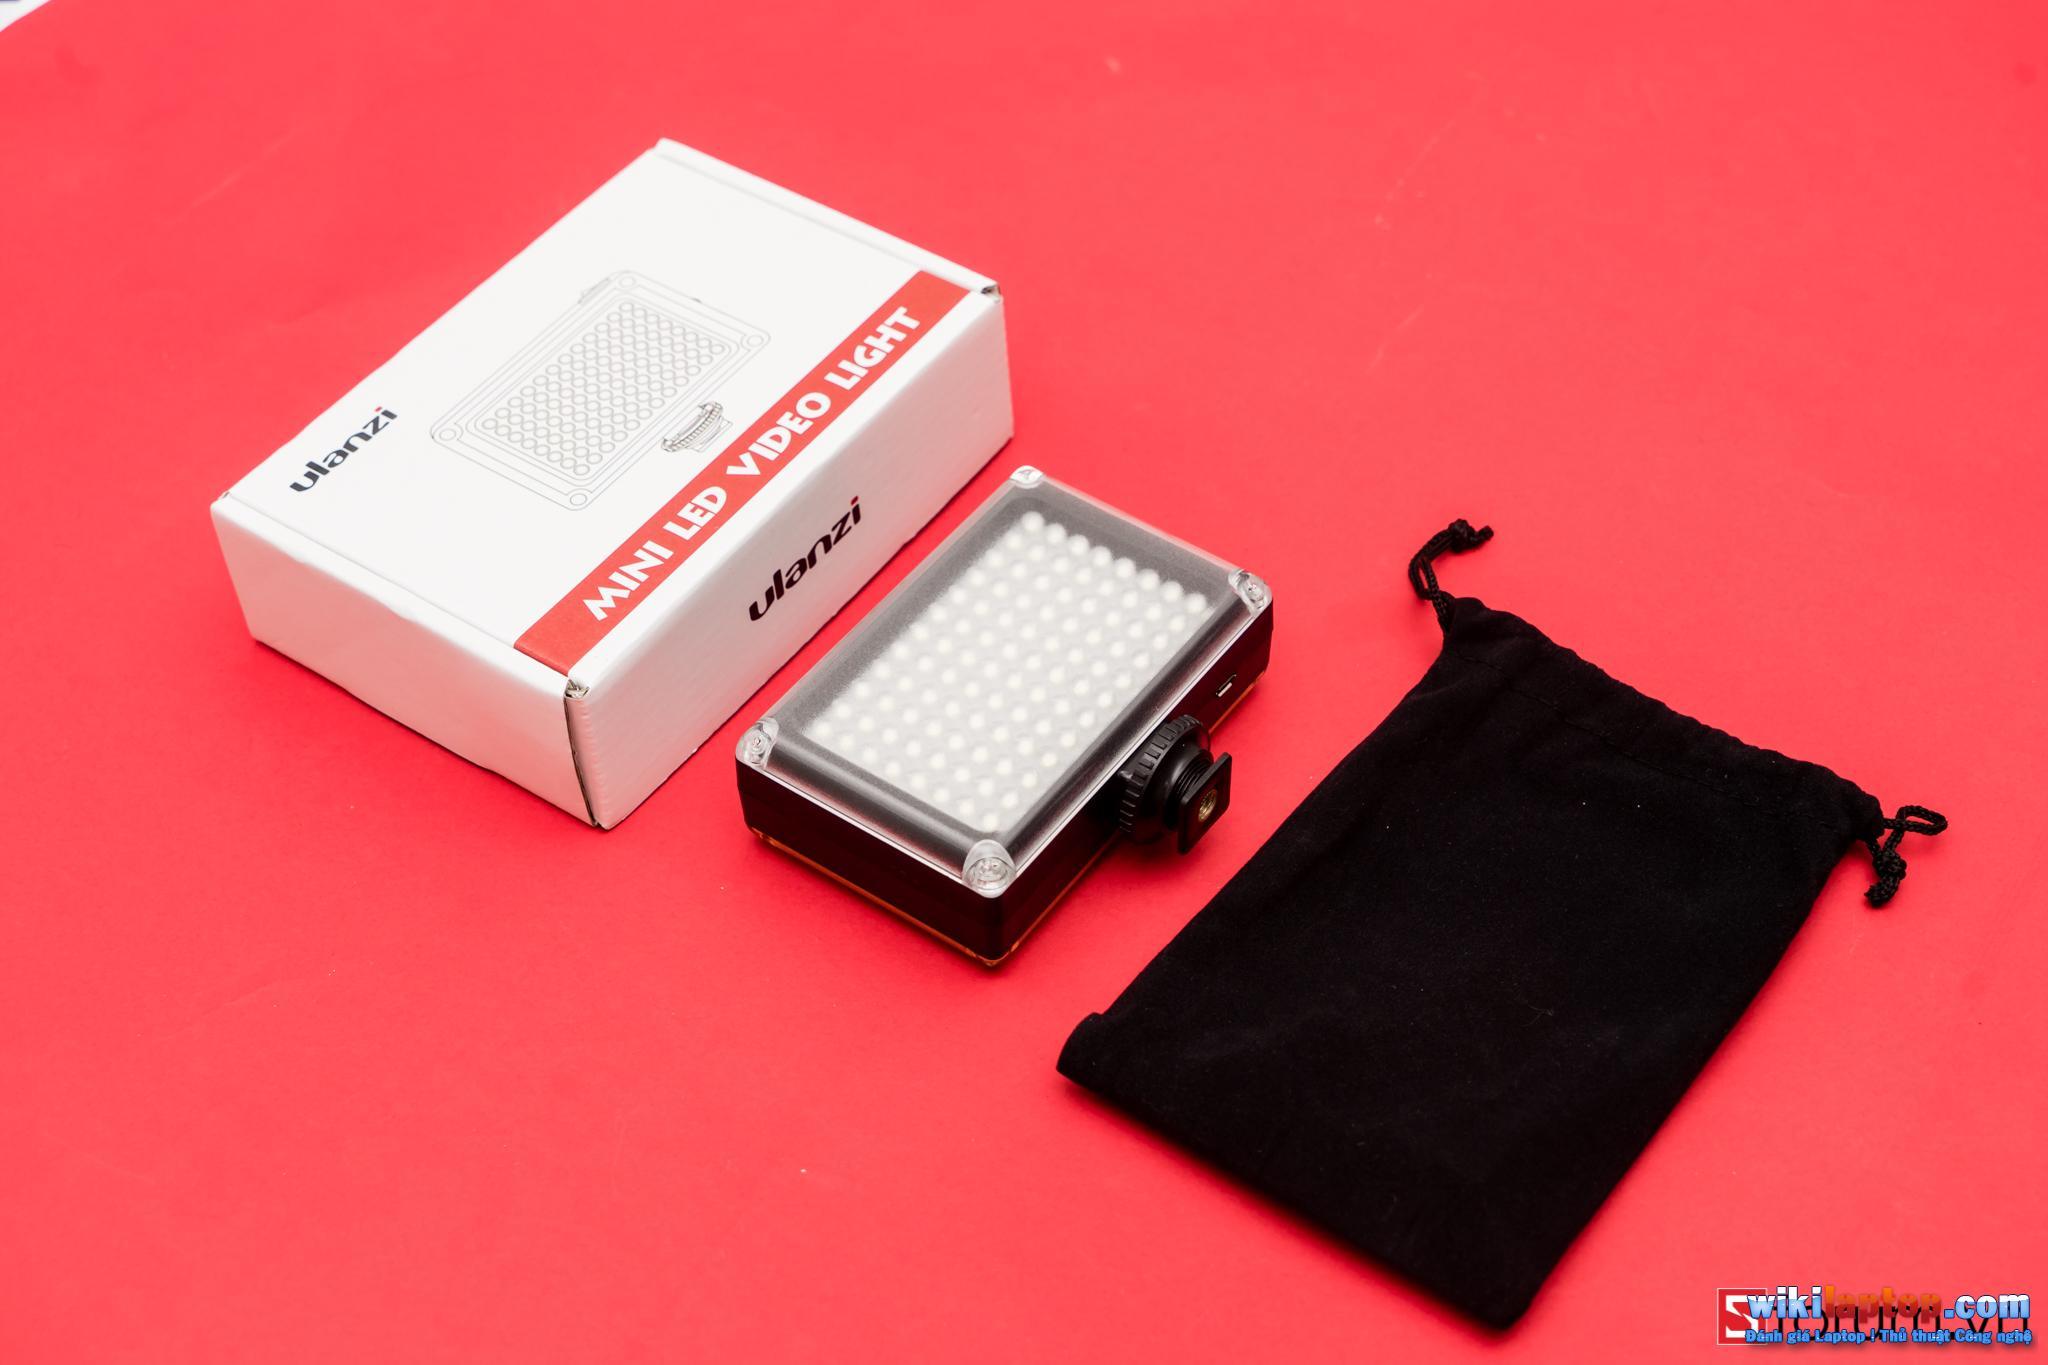 Sforum - Trang thông tin công nghệ mới nhất CPS-Combo-Quay Phim-So-2-30 Trải nghiệm Combo 2 Pro: Phim chống rung mà không cần gimbal?